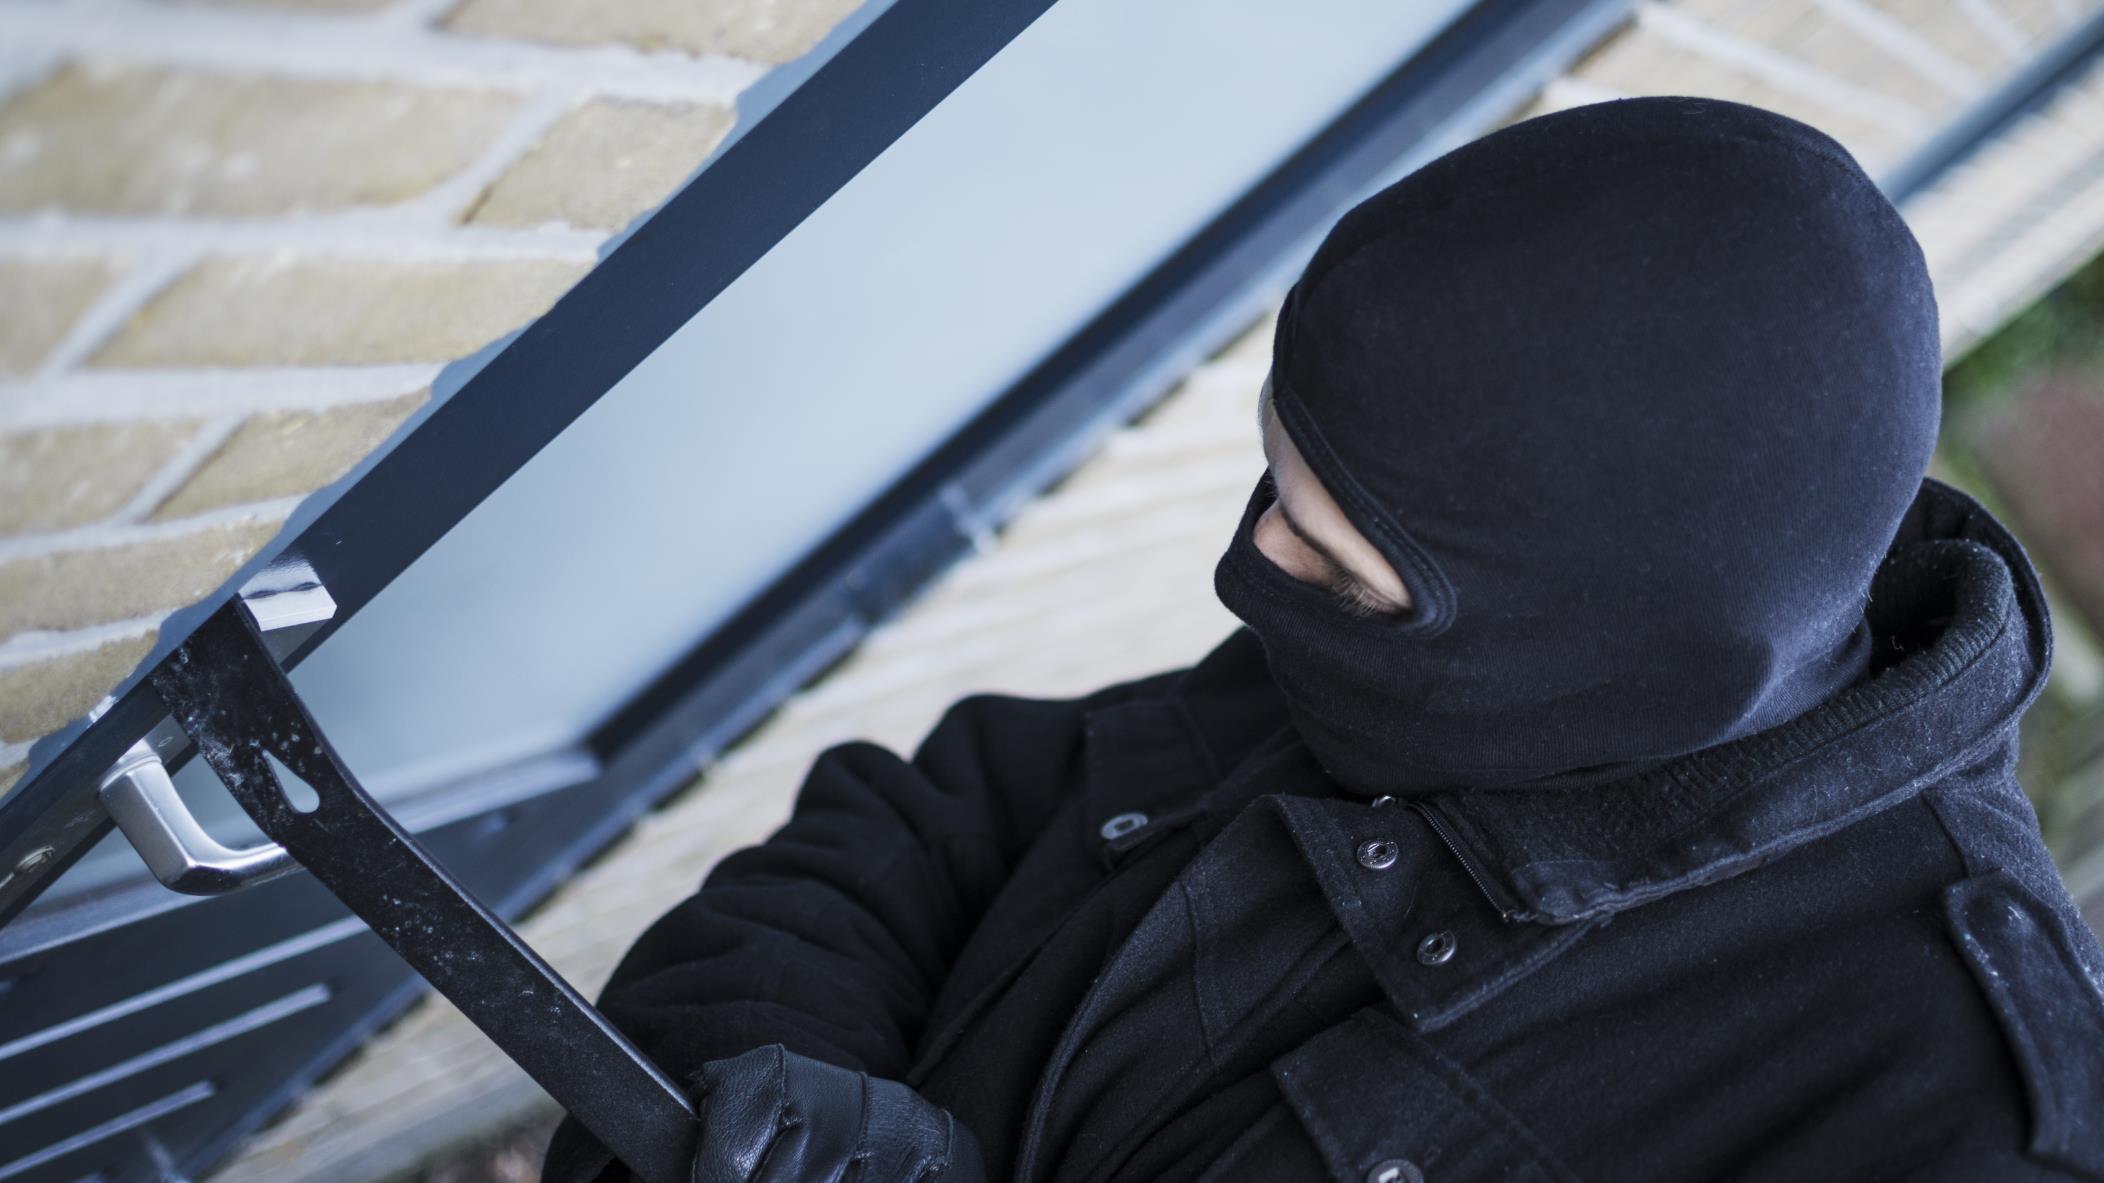 Studentenhuizen populair onder inbrekers